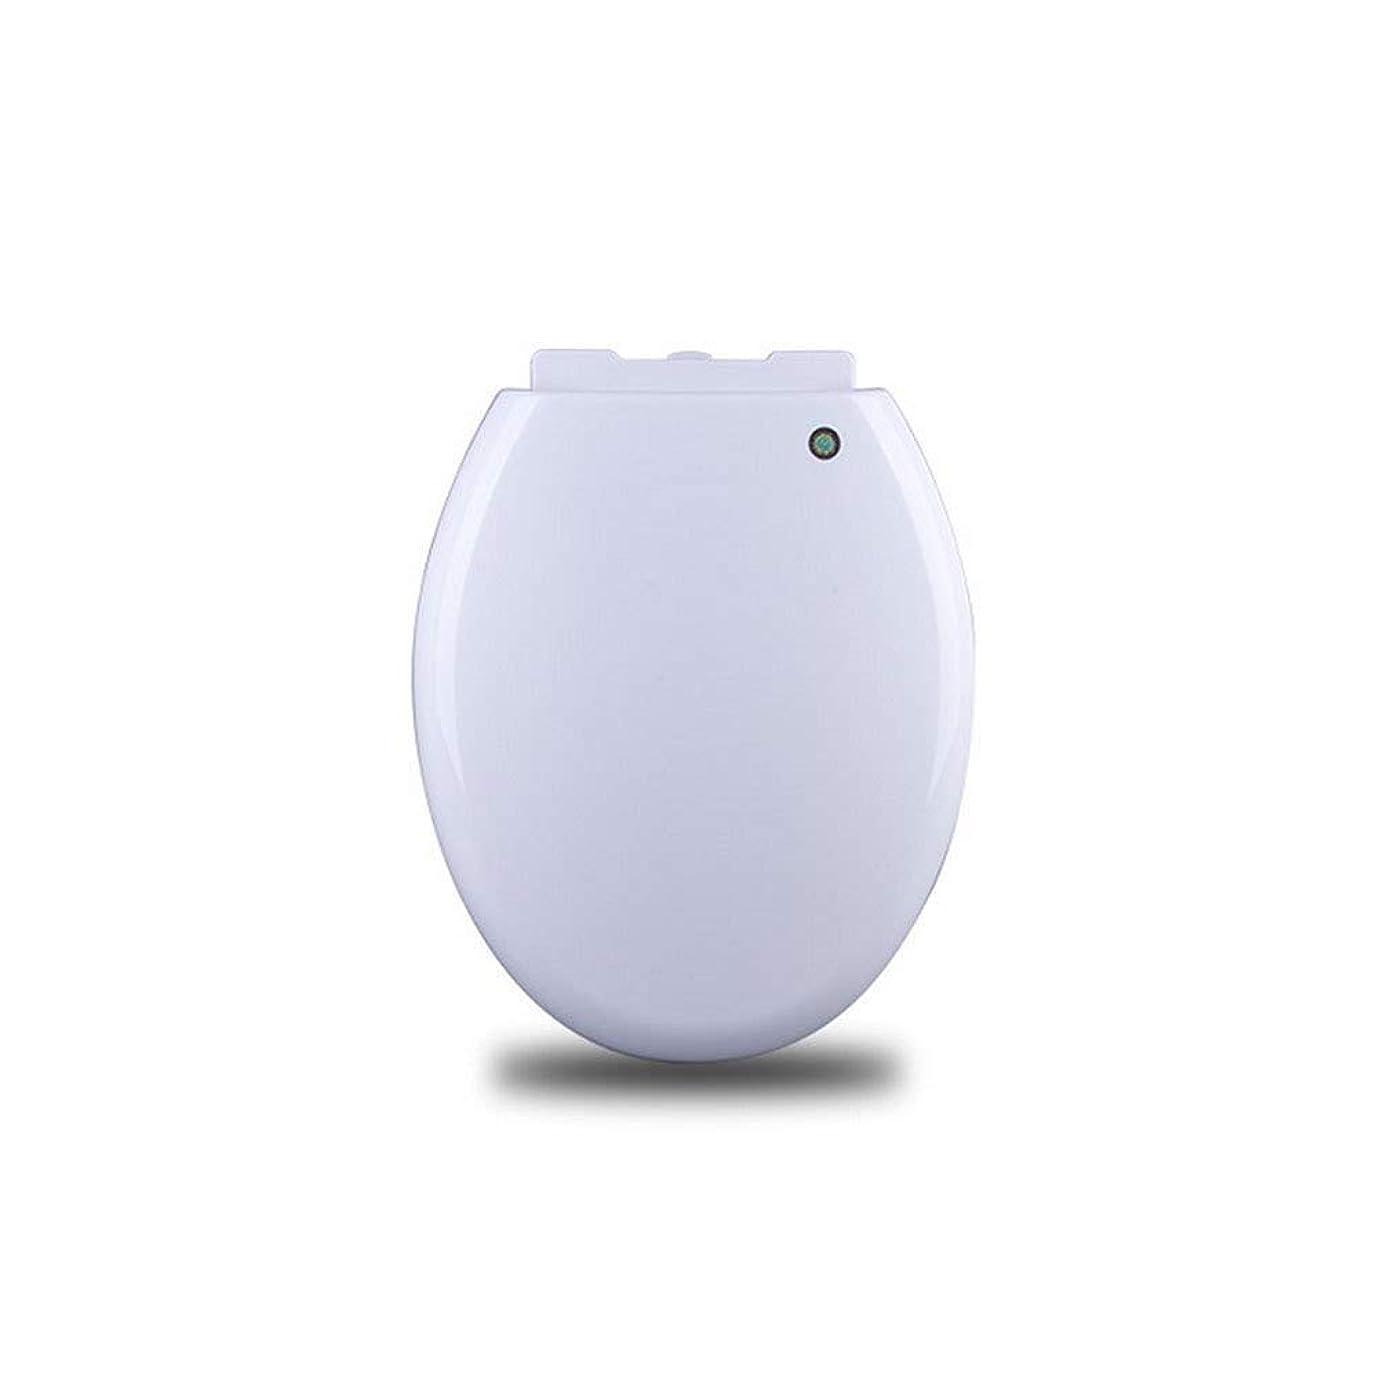 枕突っ込む意味トイレパッドO/Vシェイプバッファシート付きトイレシートクイックリリーストイレ蓋付きバスルームと洗面所用ホワイト-36.3CM * 42?44CM